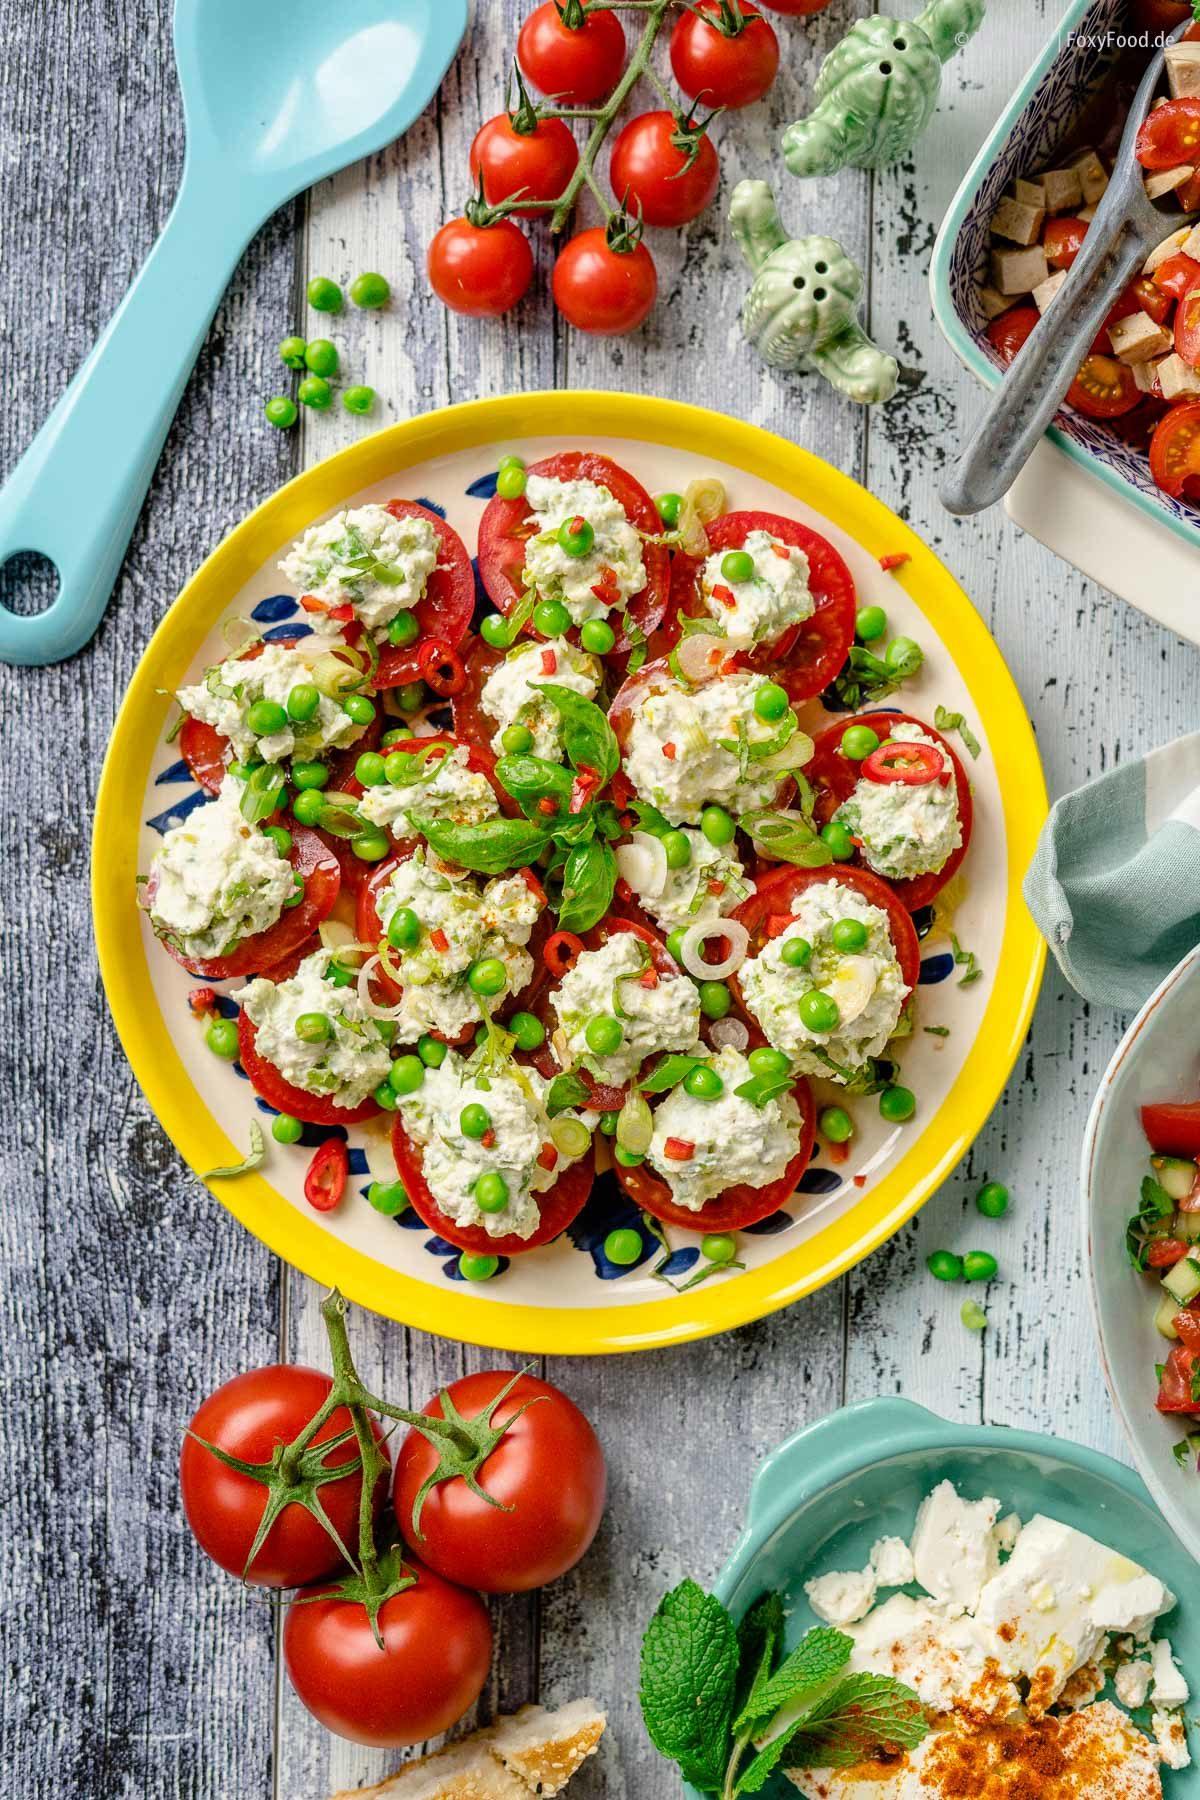 Tomatensalat mit würzigem Erbsen-Ricotte und Kräutern Meine 3 liebsten Rezepte für den Sommer  FoxyFood.de